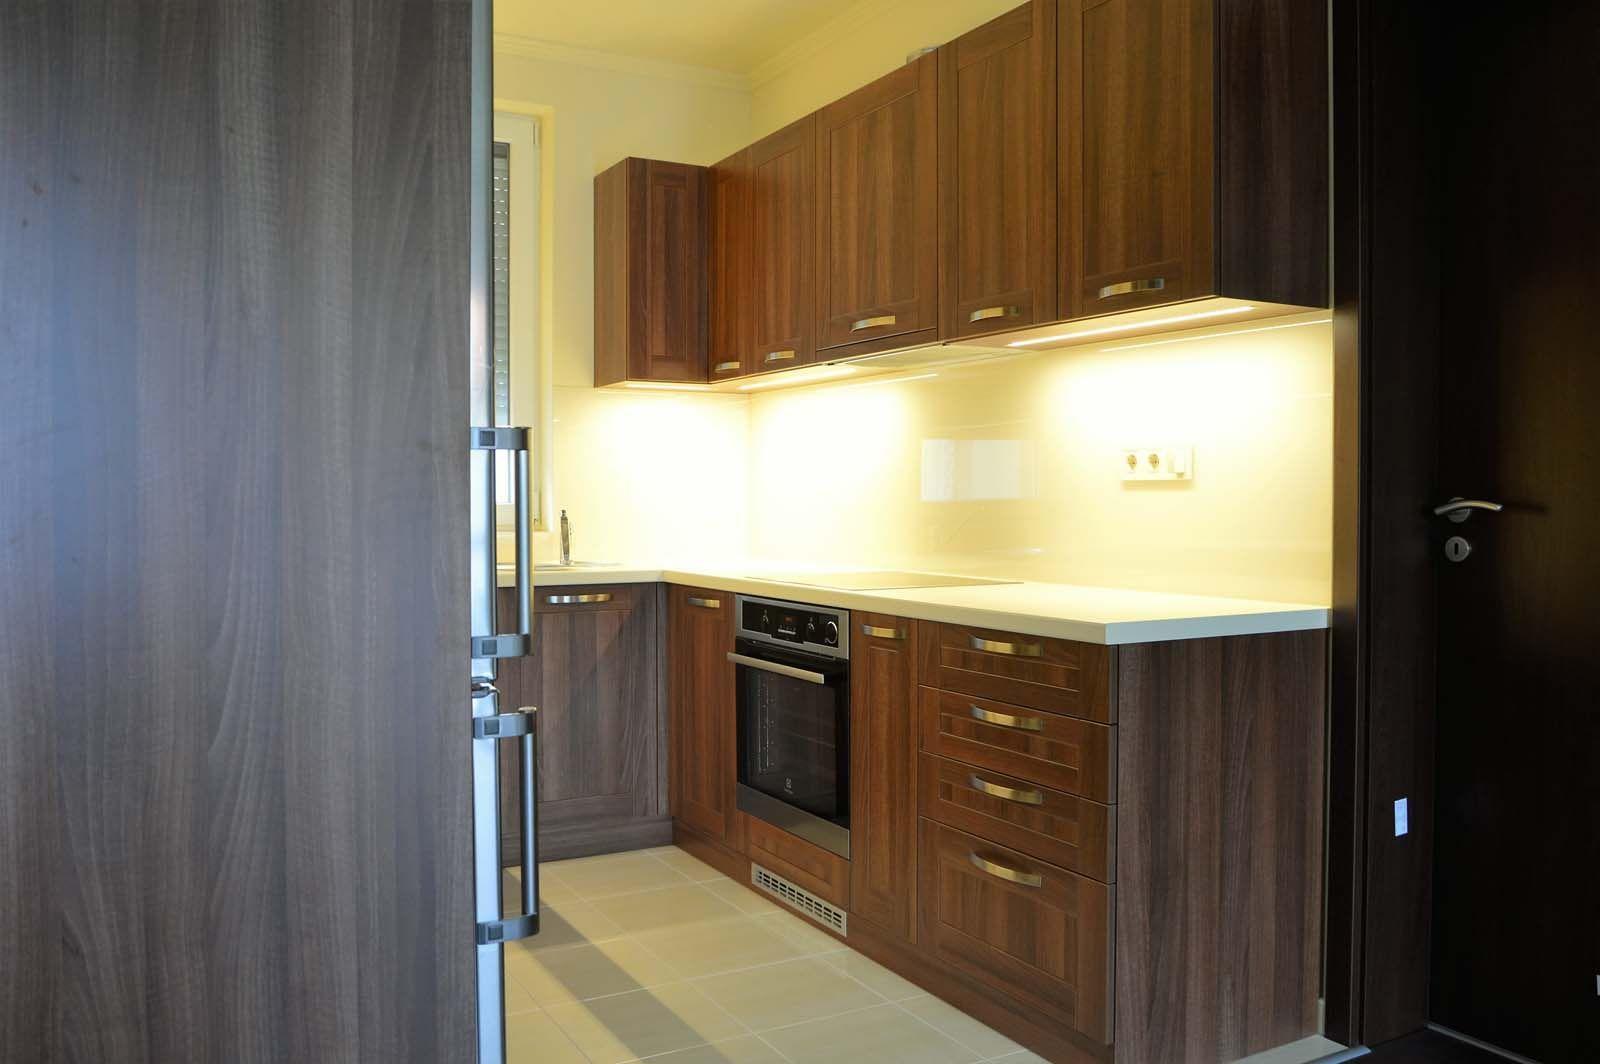 Egyedi konyhabútor készítés dió - bézs színben üveghátlappal, rejtett LED világítással alsó - felső elemekkel